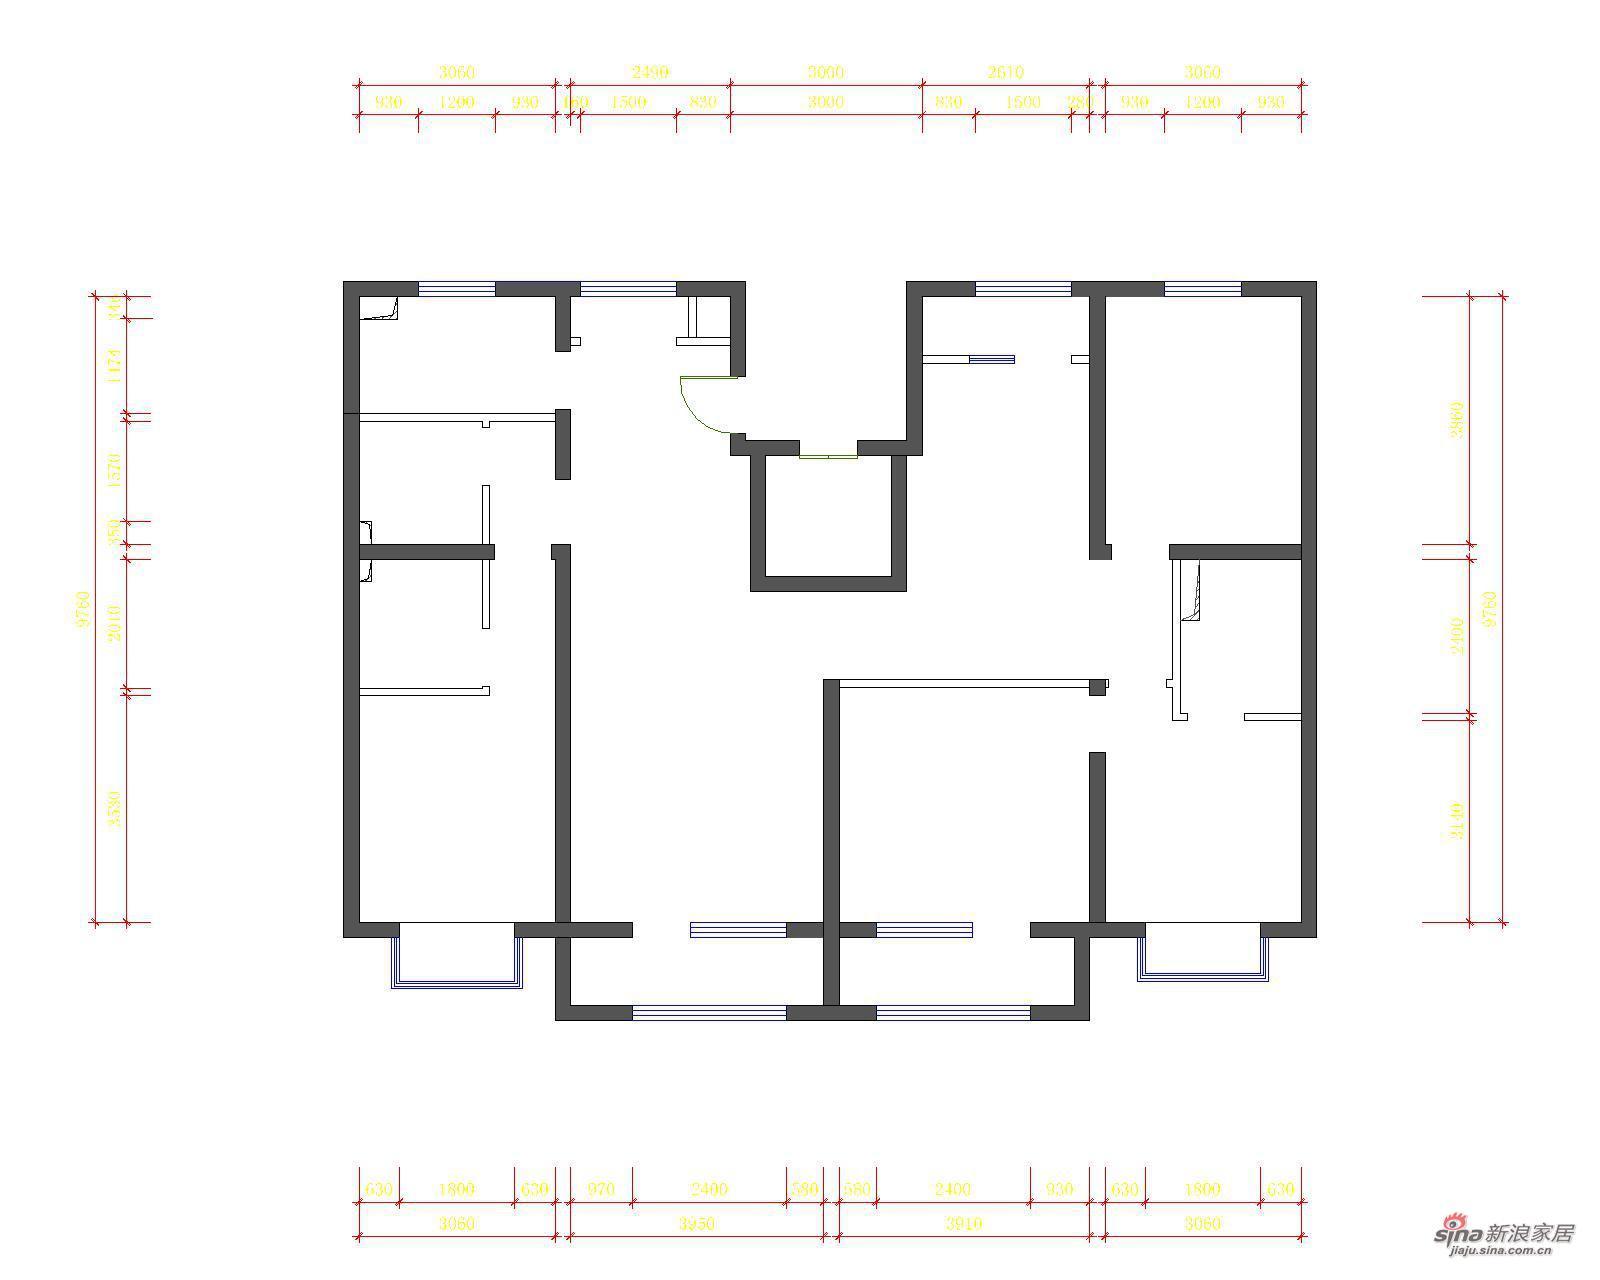 简约 四居 户型图图片来自用户2737759857在山语城(172平米)现代简约设计案例19的分享